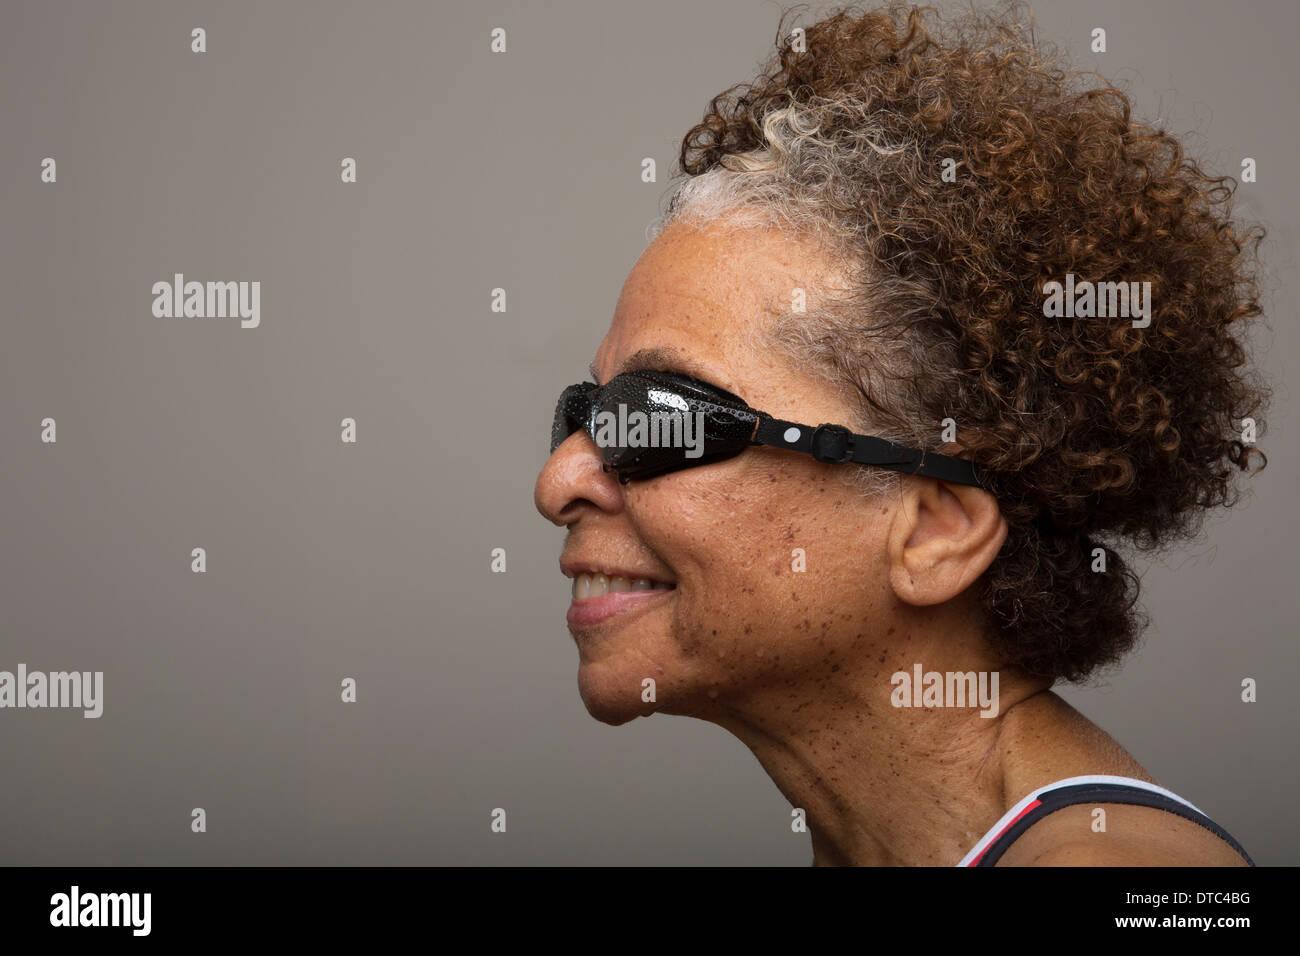 Retrato de estudio de mujer mayor en natación gafas Imagen De Stock